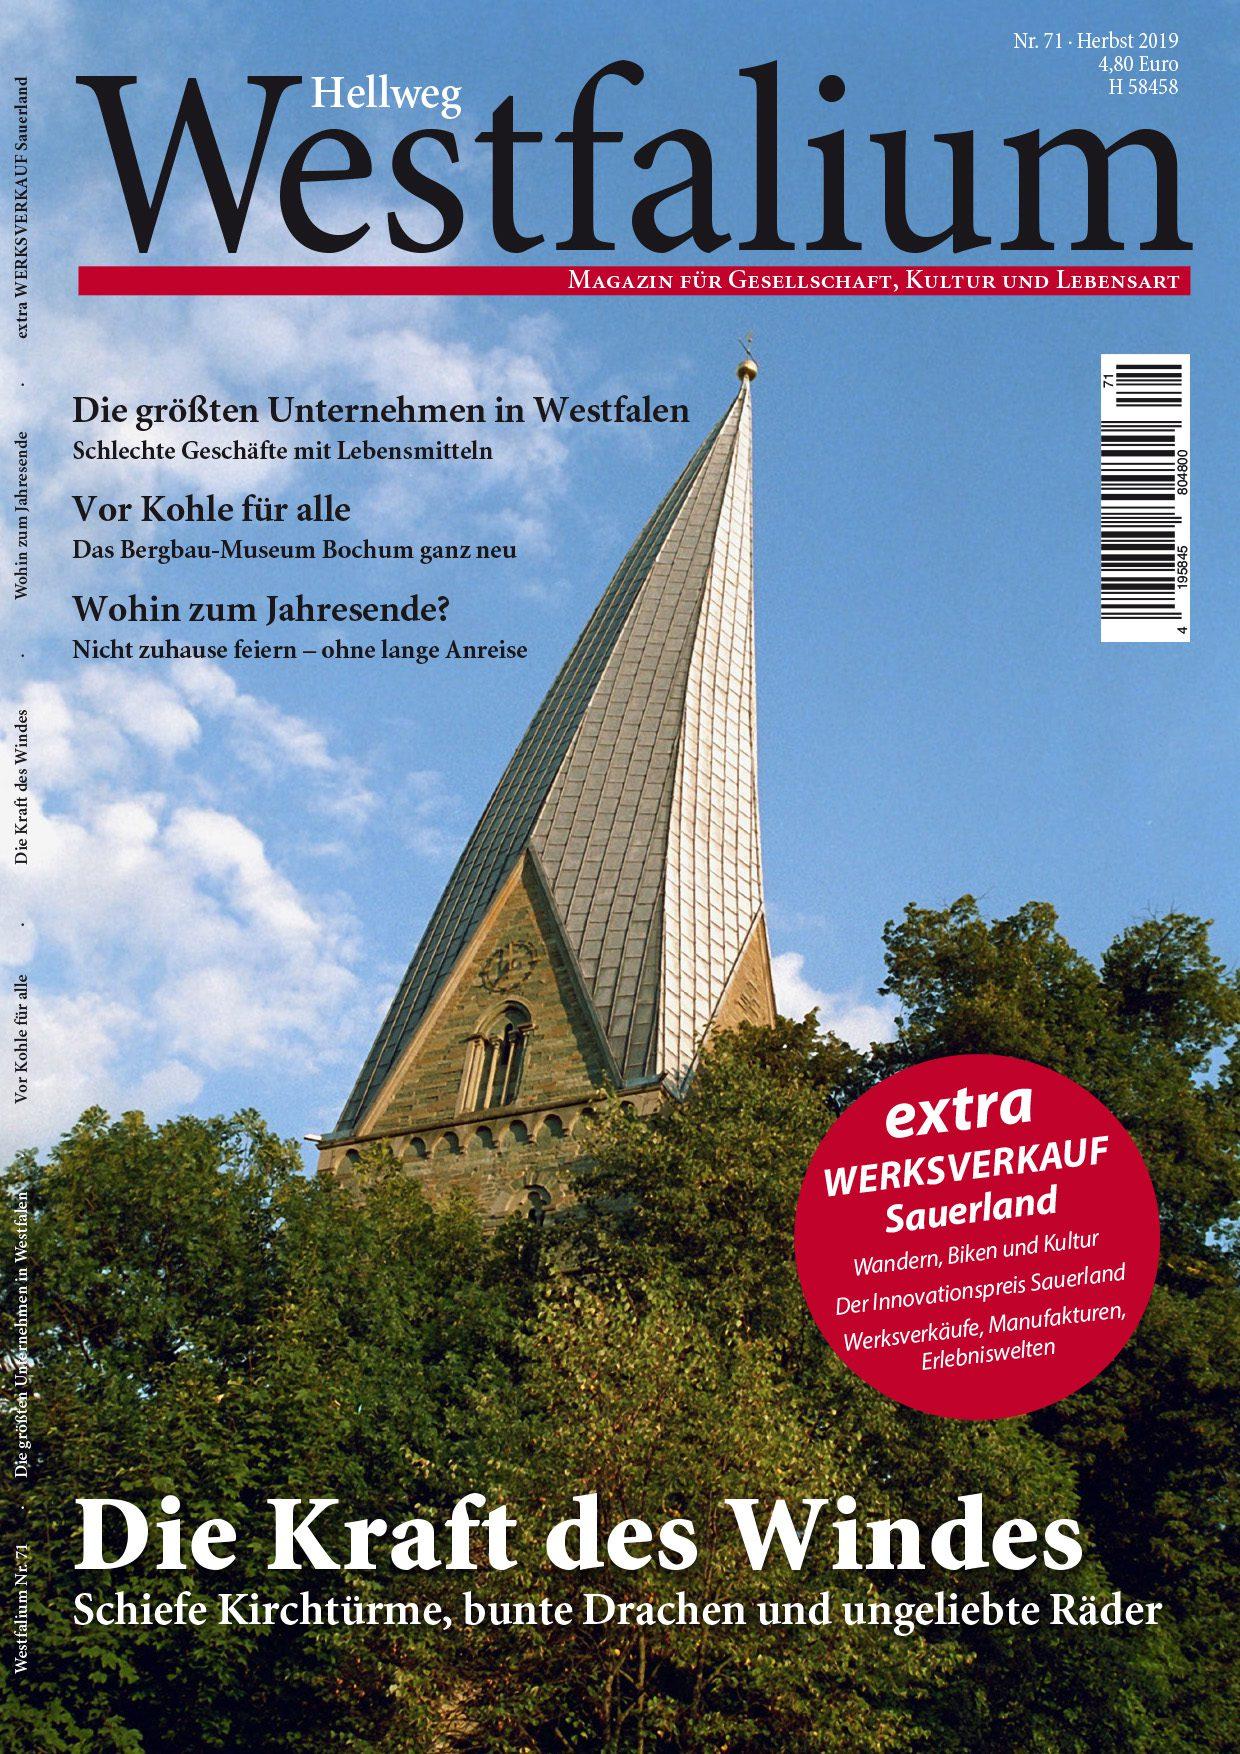 Westfalium Herbst 2019 - Teilausgabe Hellweg